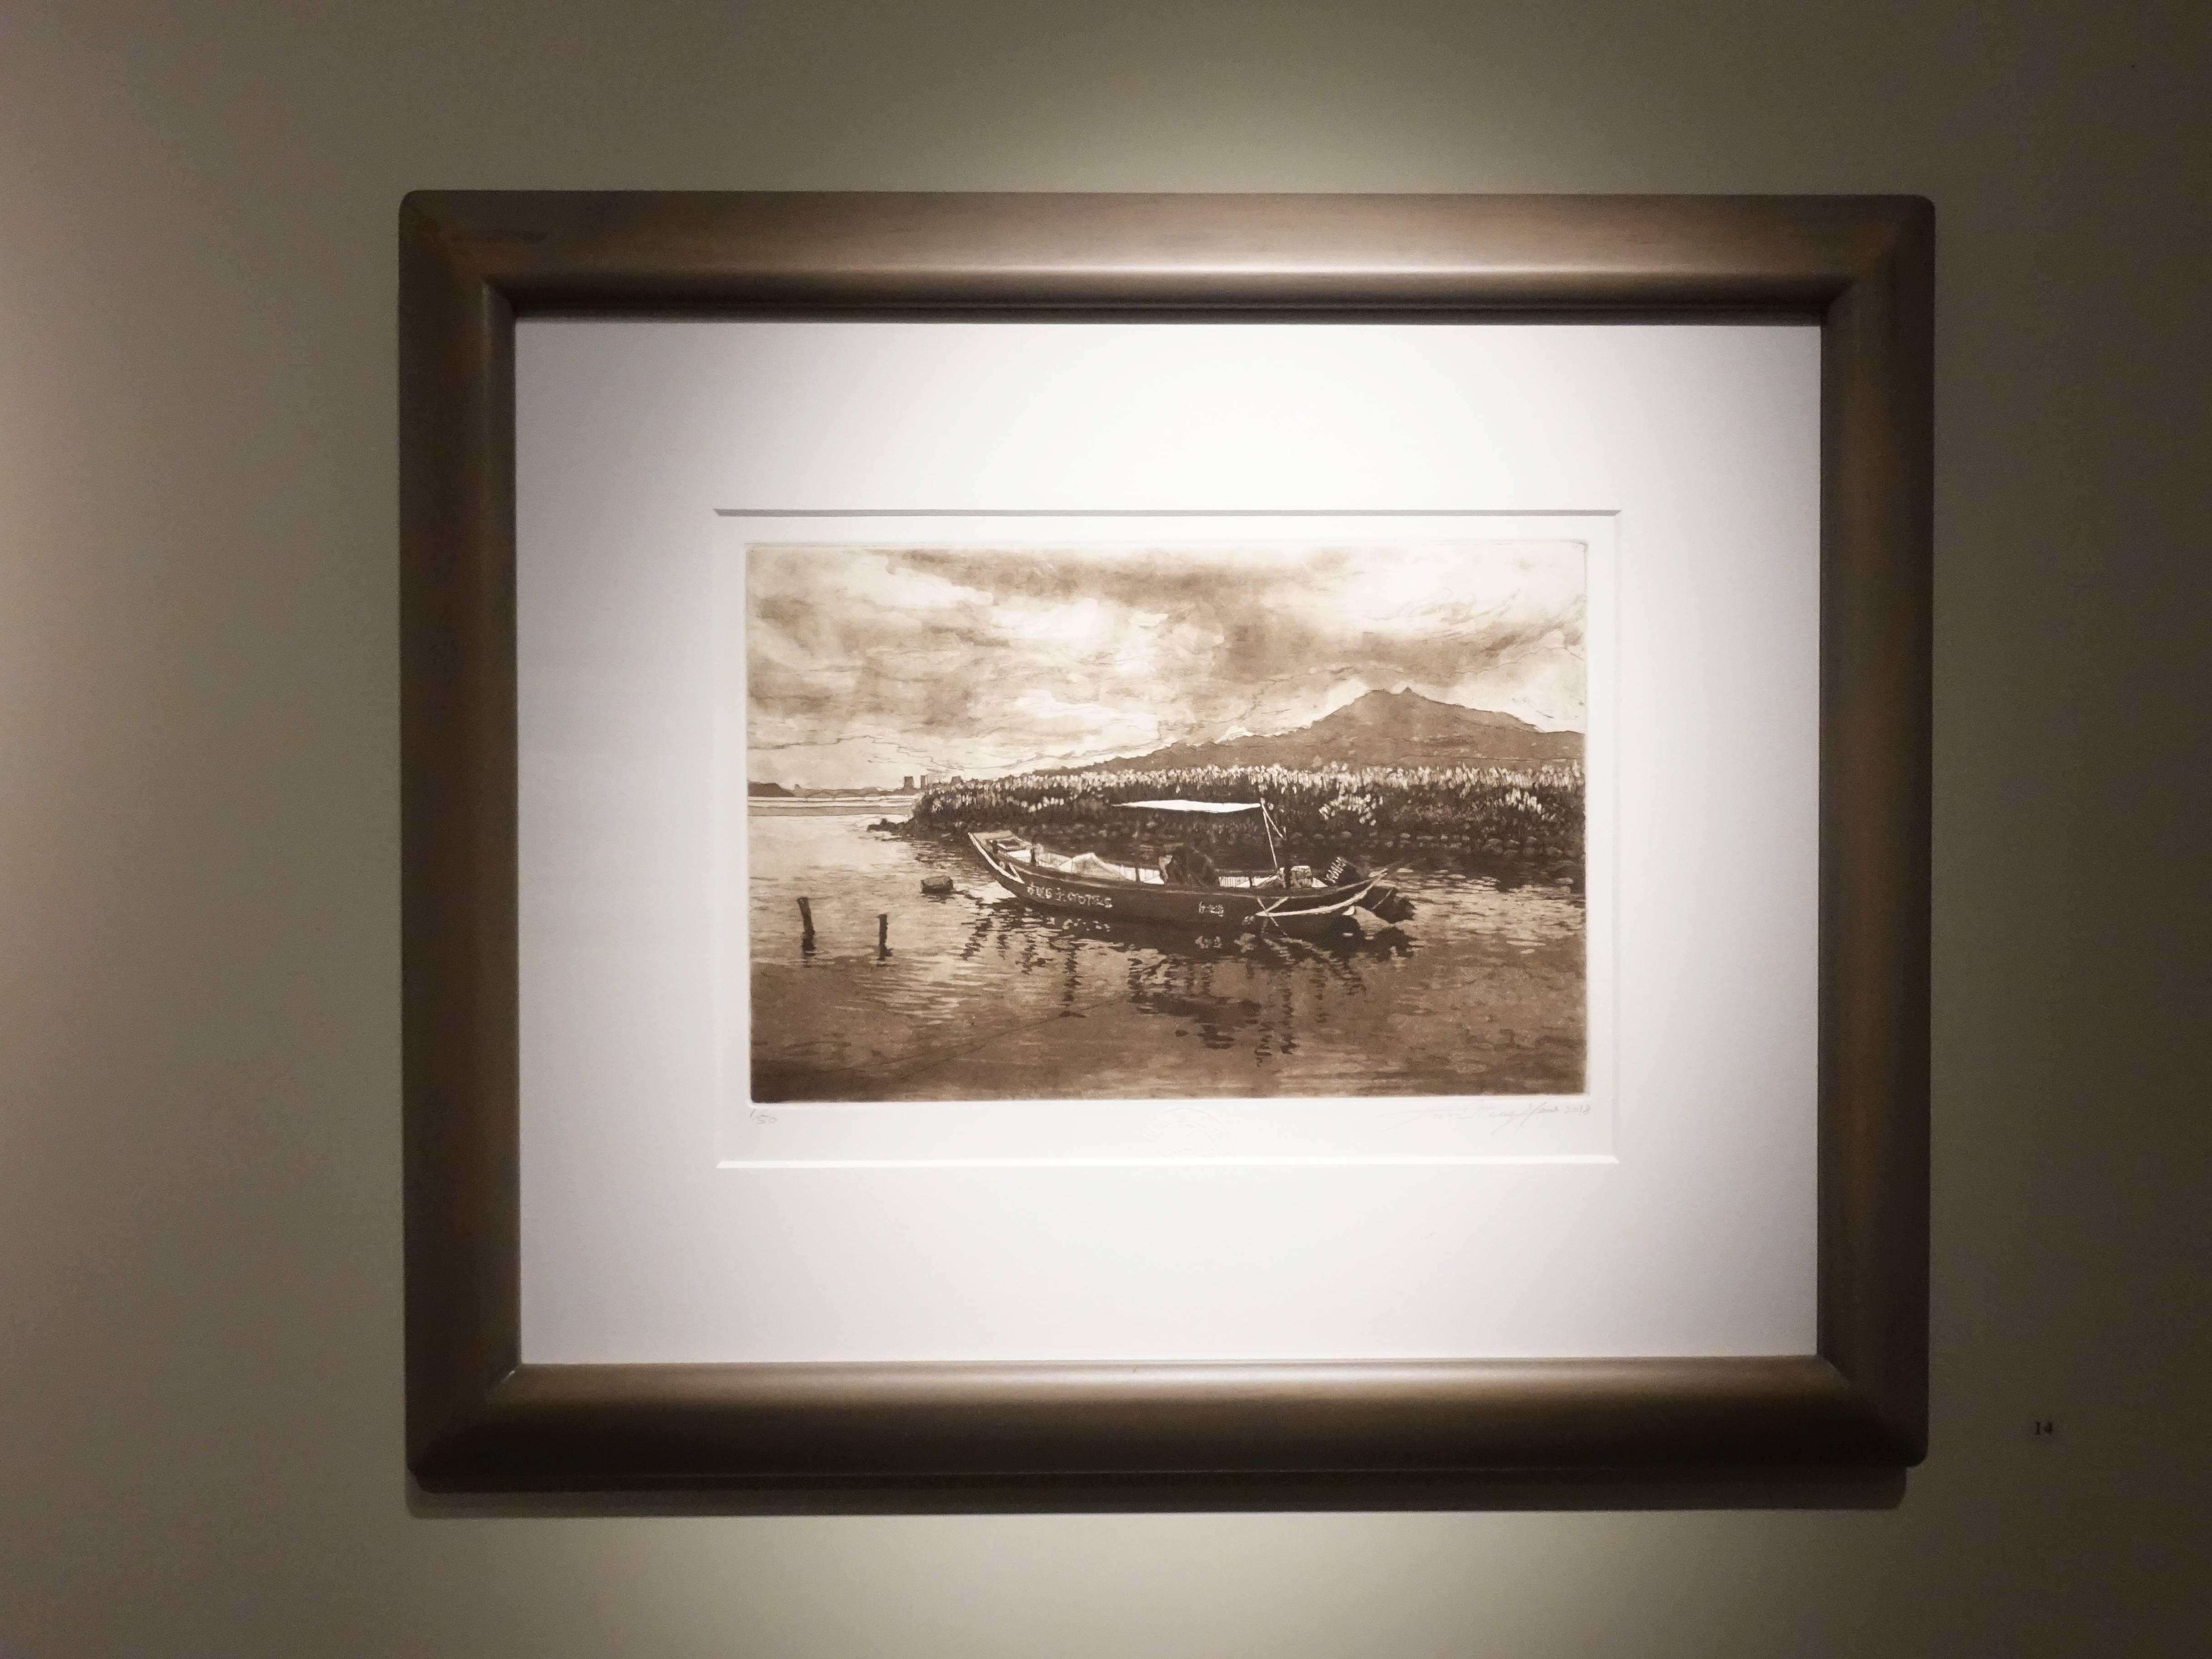 潘孟堯,《台北港》,30 x 20 cm,1/50,銅版蝕刻,2018。